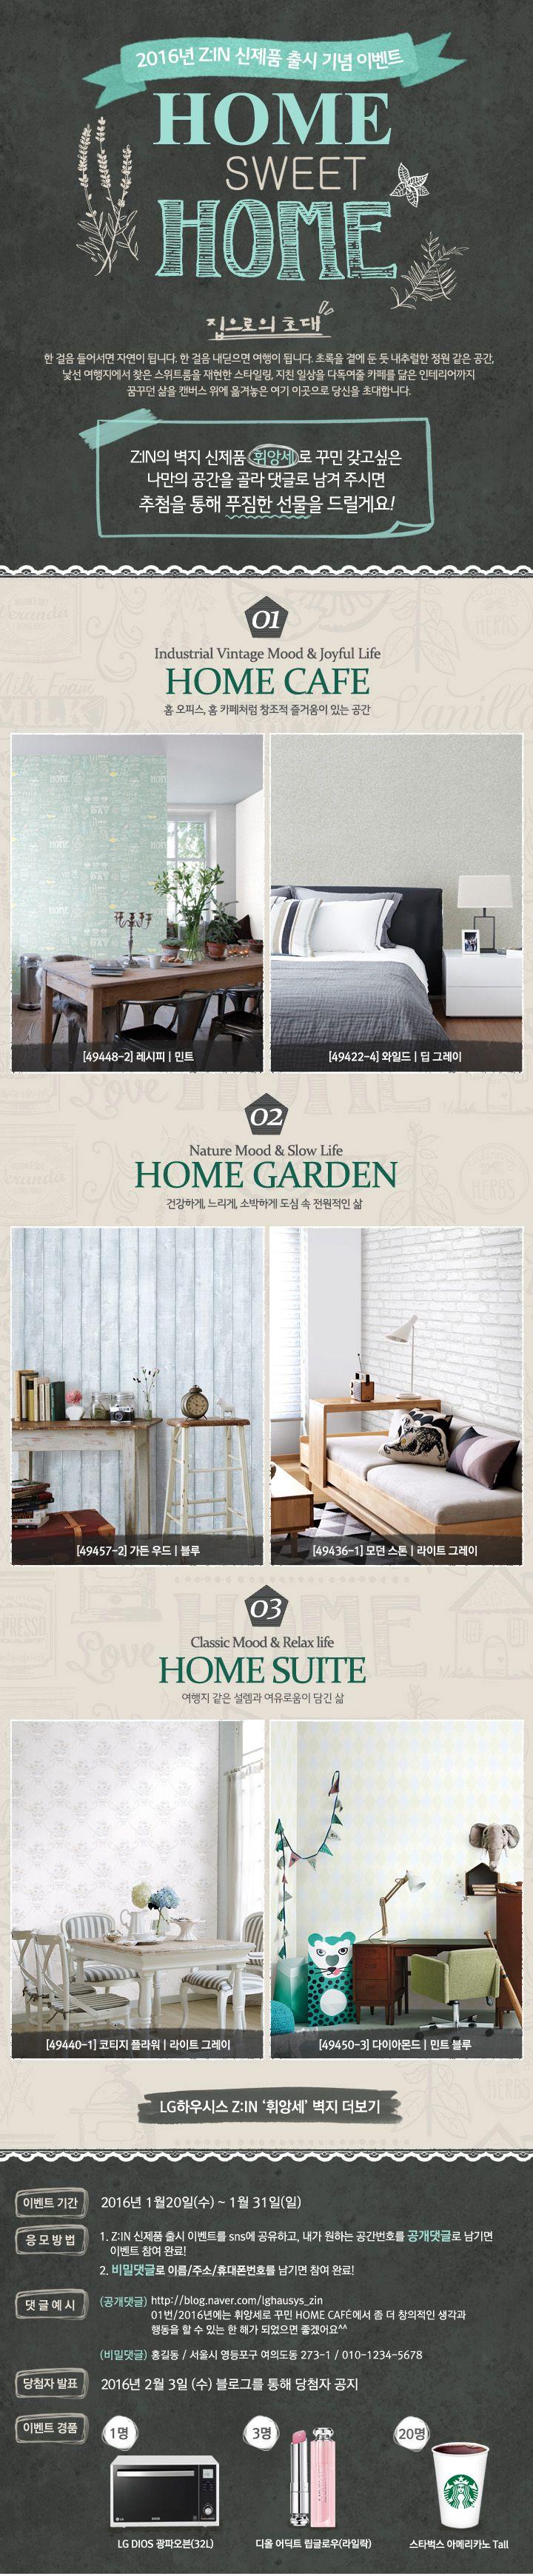 [이벤트] 2016년 Z:IN 신제품 출시 기념 이벤트 'HOME SWEET HOME' (출처 : 지:니(Z:.. | 네이버 블로그 http://me2.do/FLzpVXyt